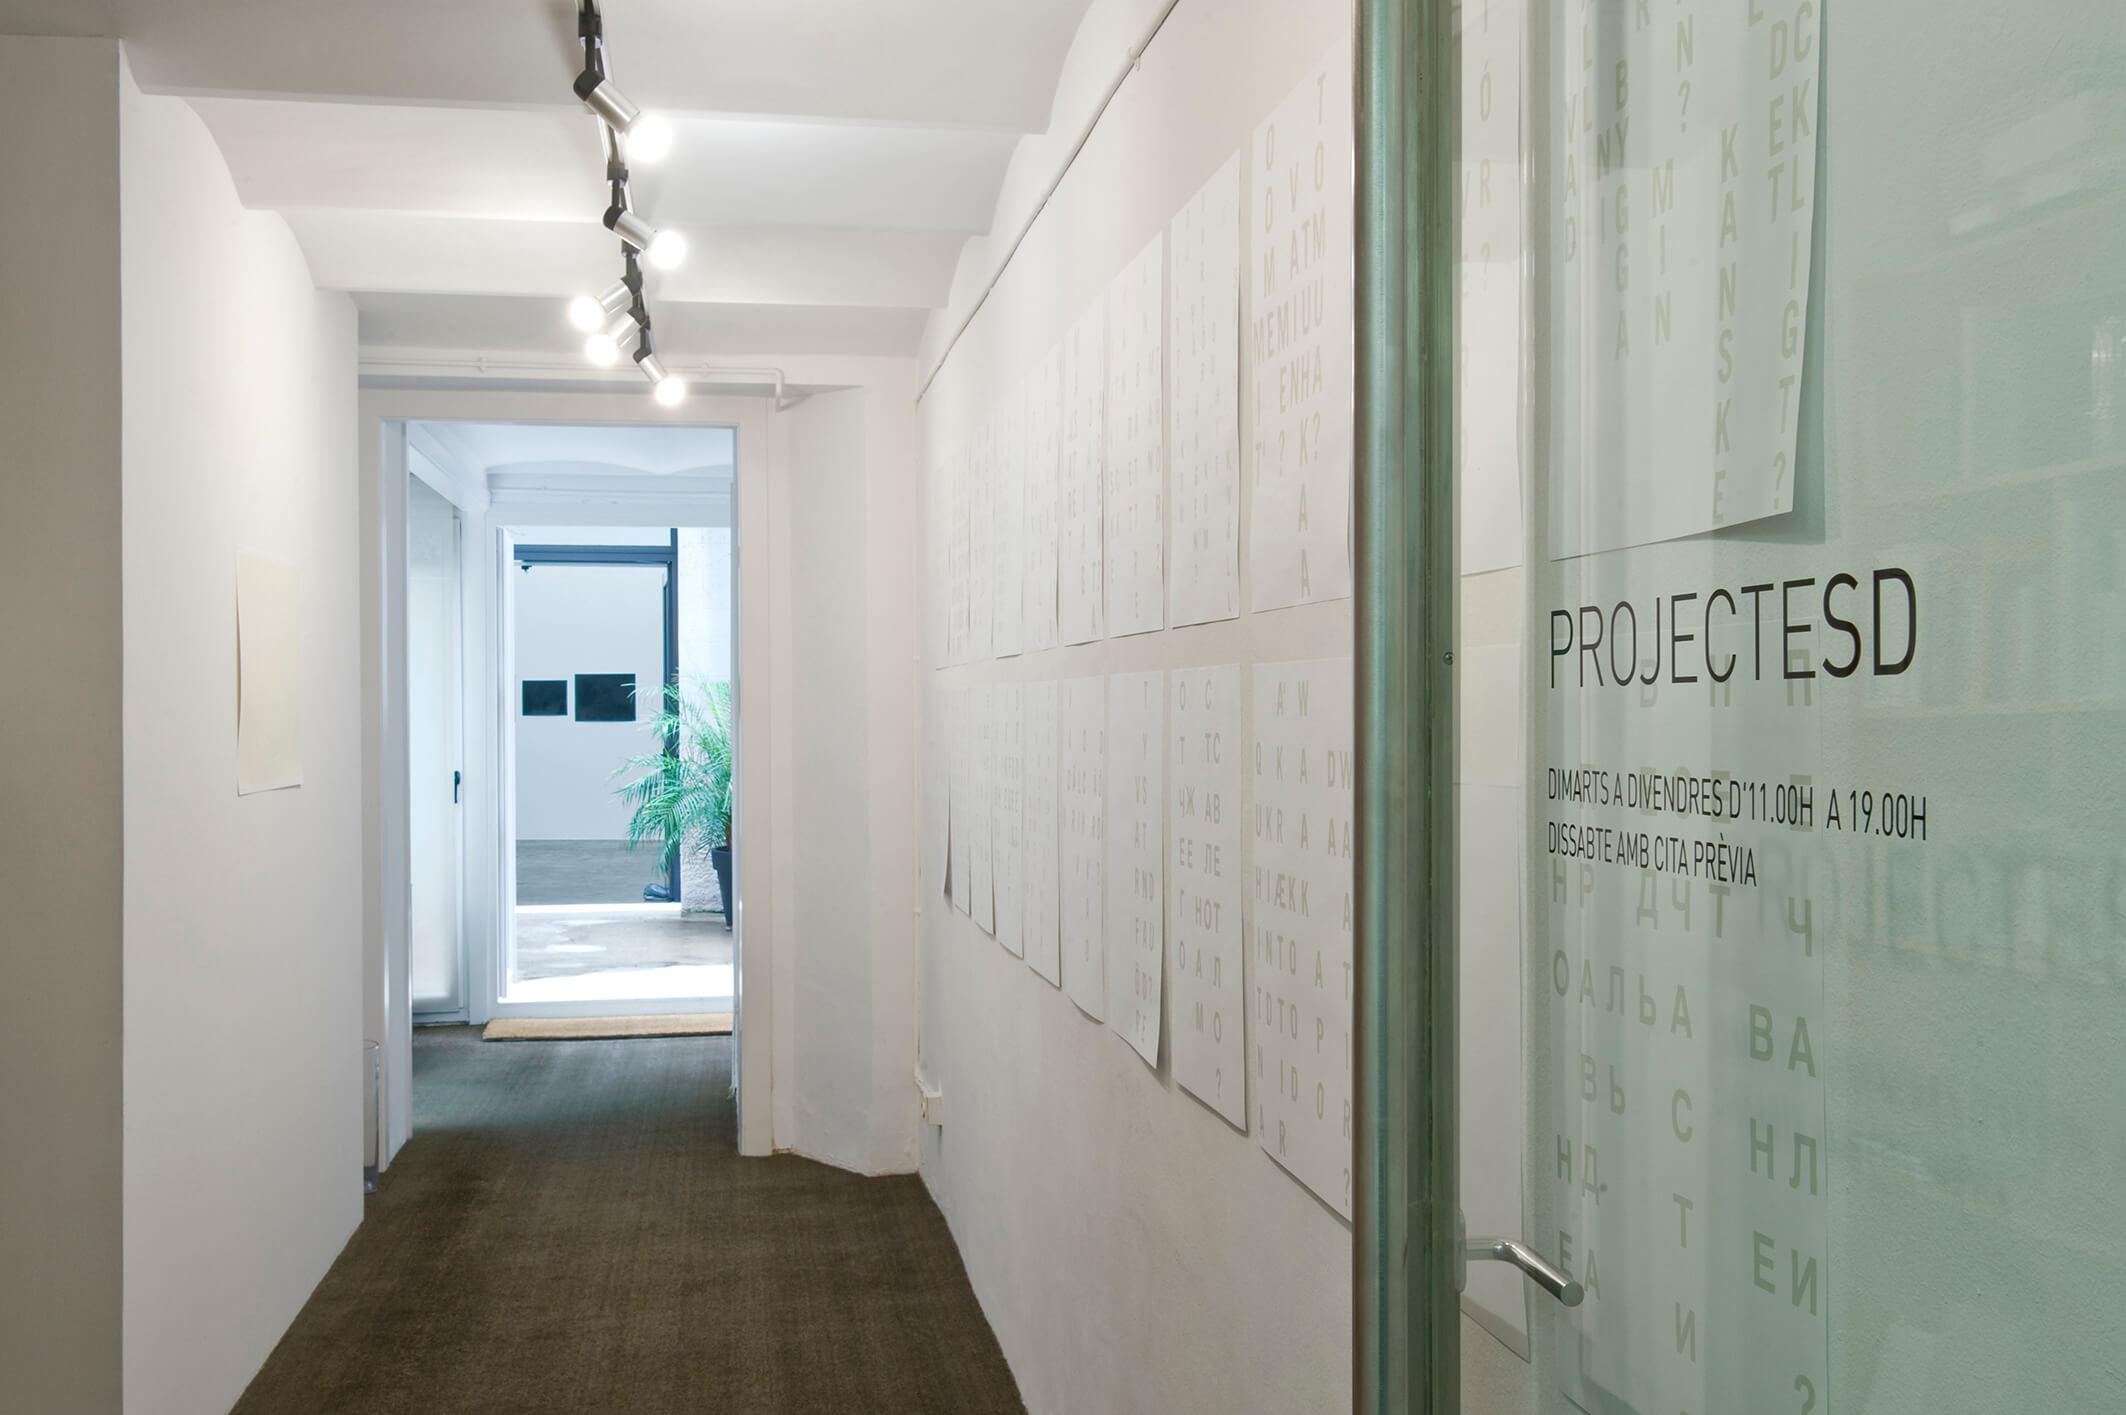 Installation view: La idea del Norte, ProjecteSD, Barcelona, 2014 | La idea del Norte | ProjecteSD